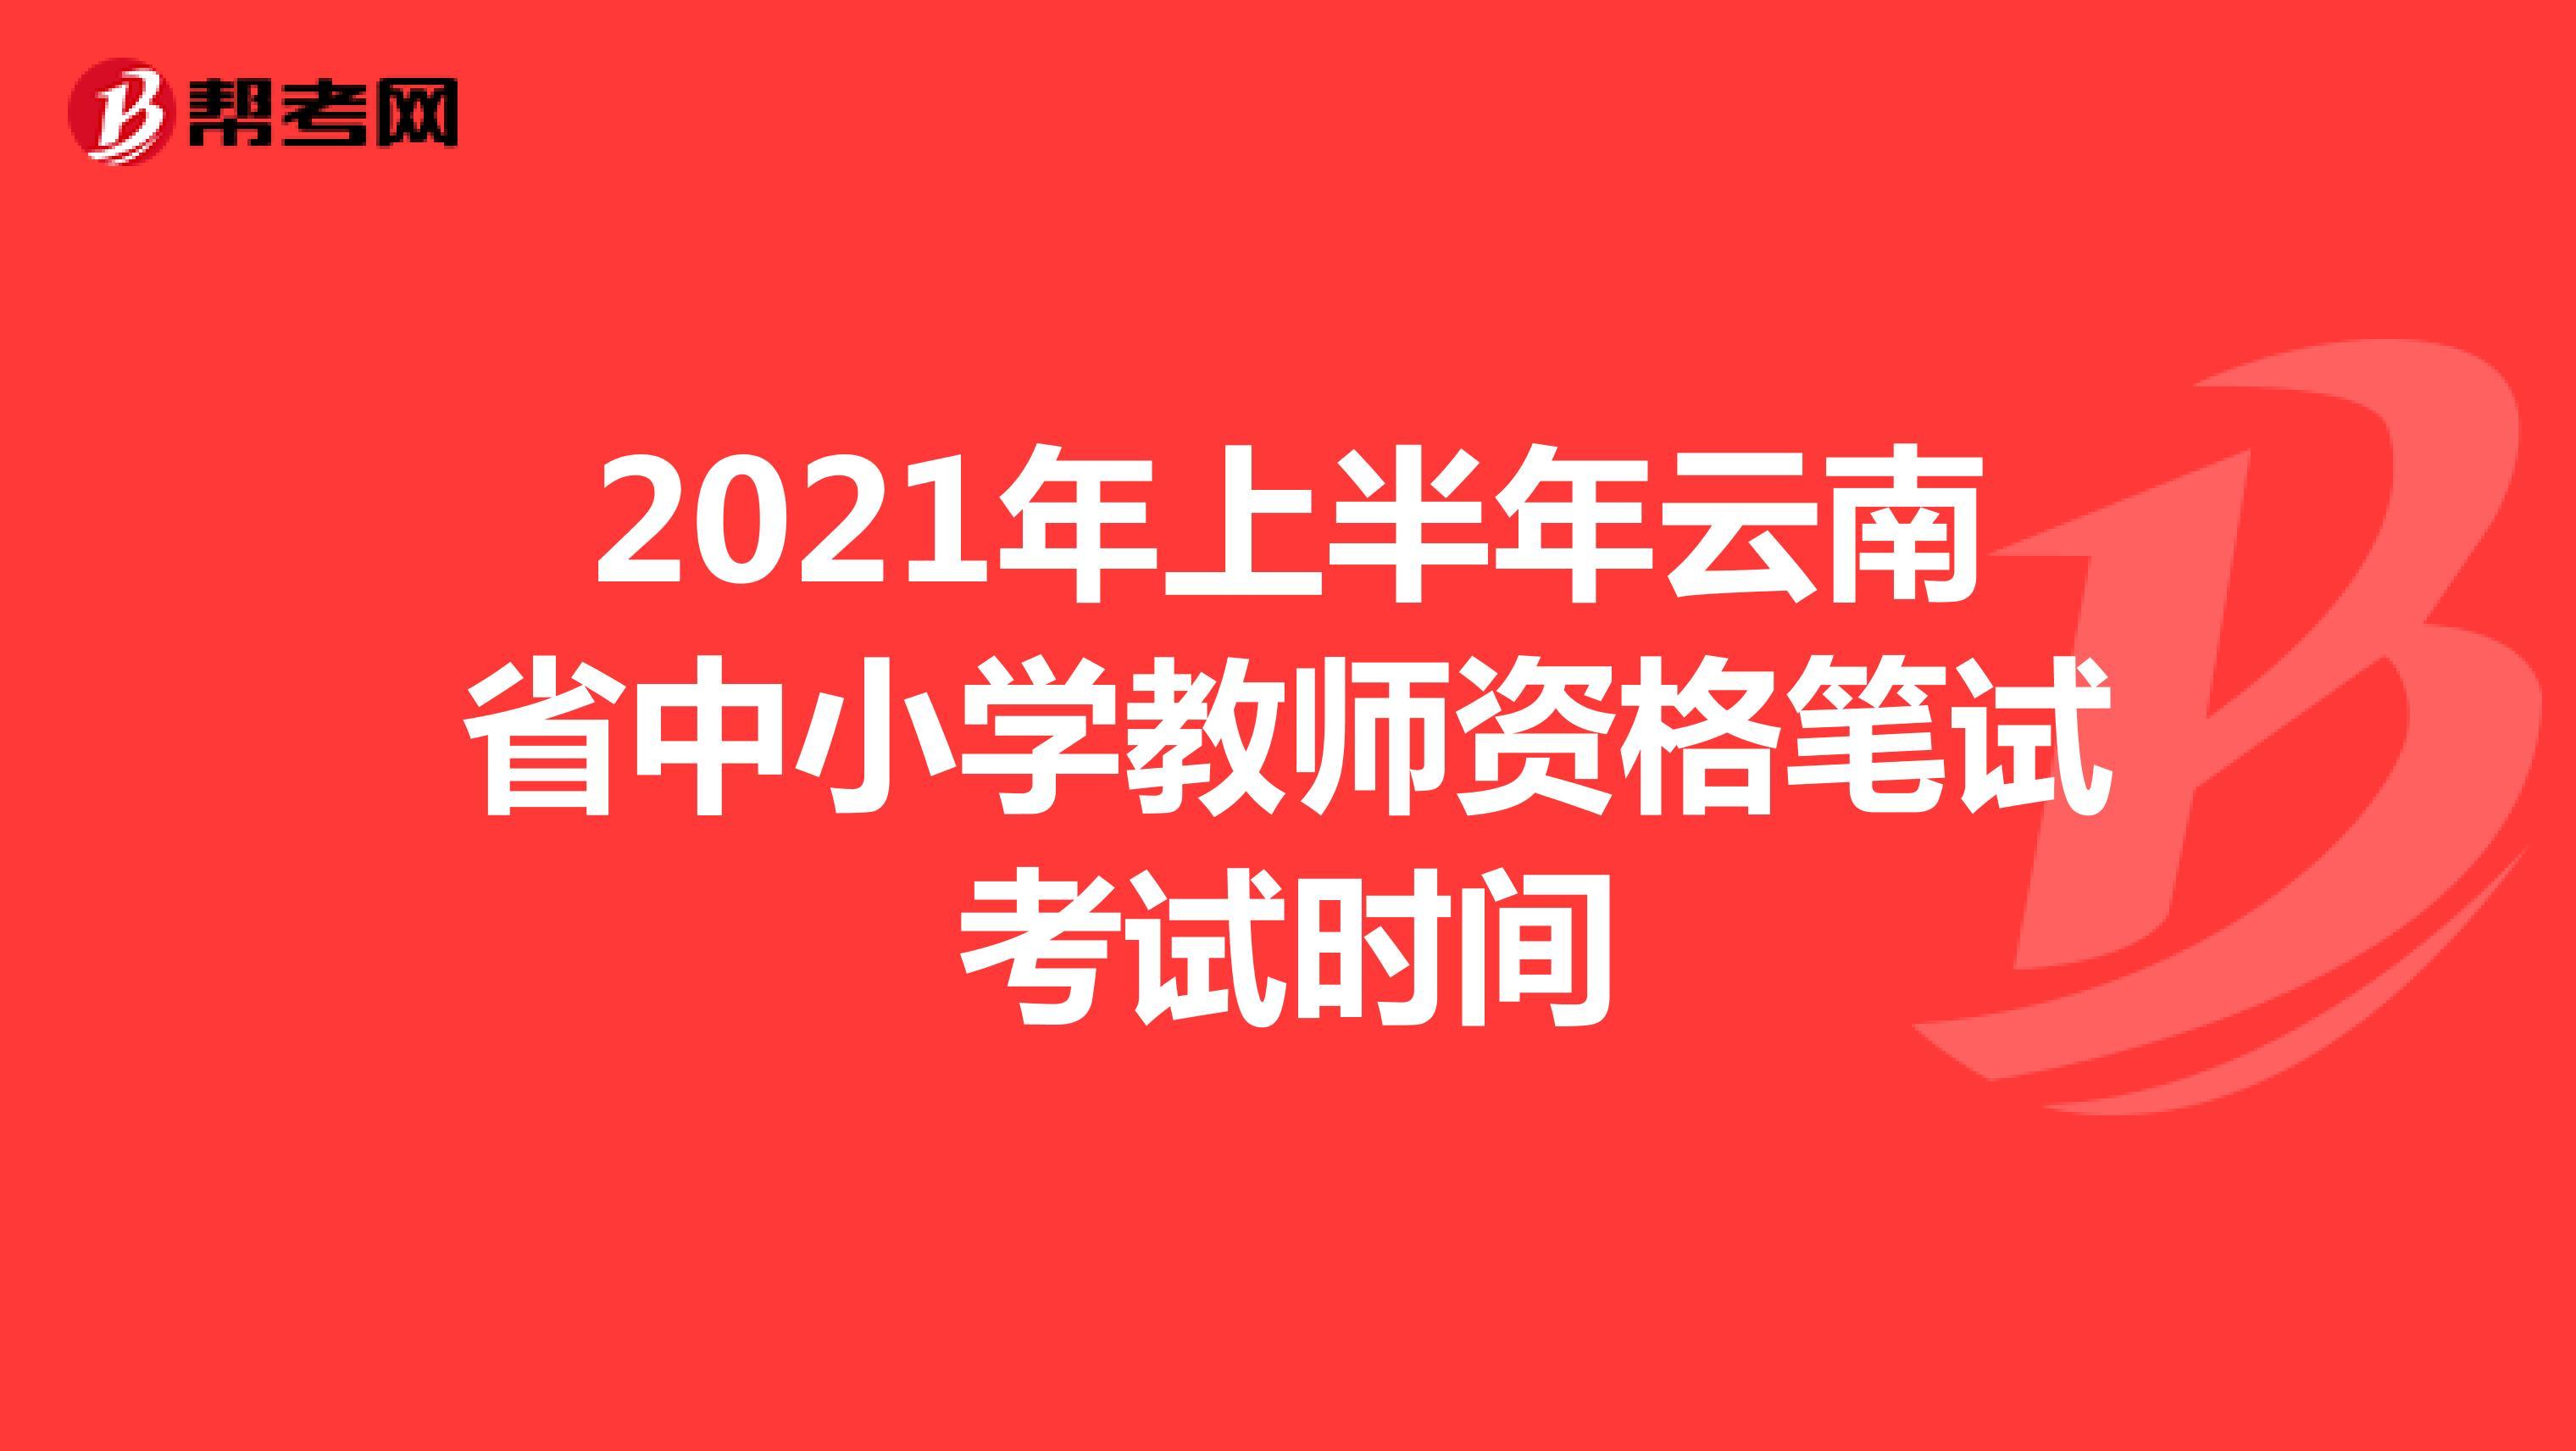 2021年上半年云南省中小學教師資格筆試考試時間